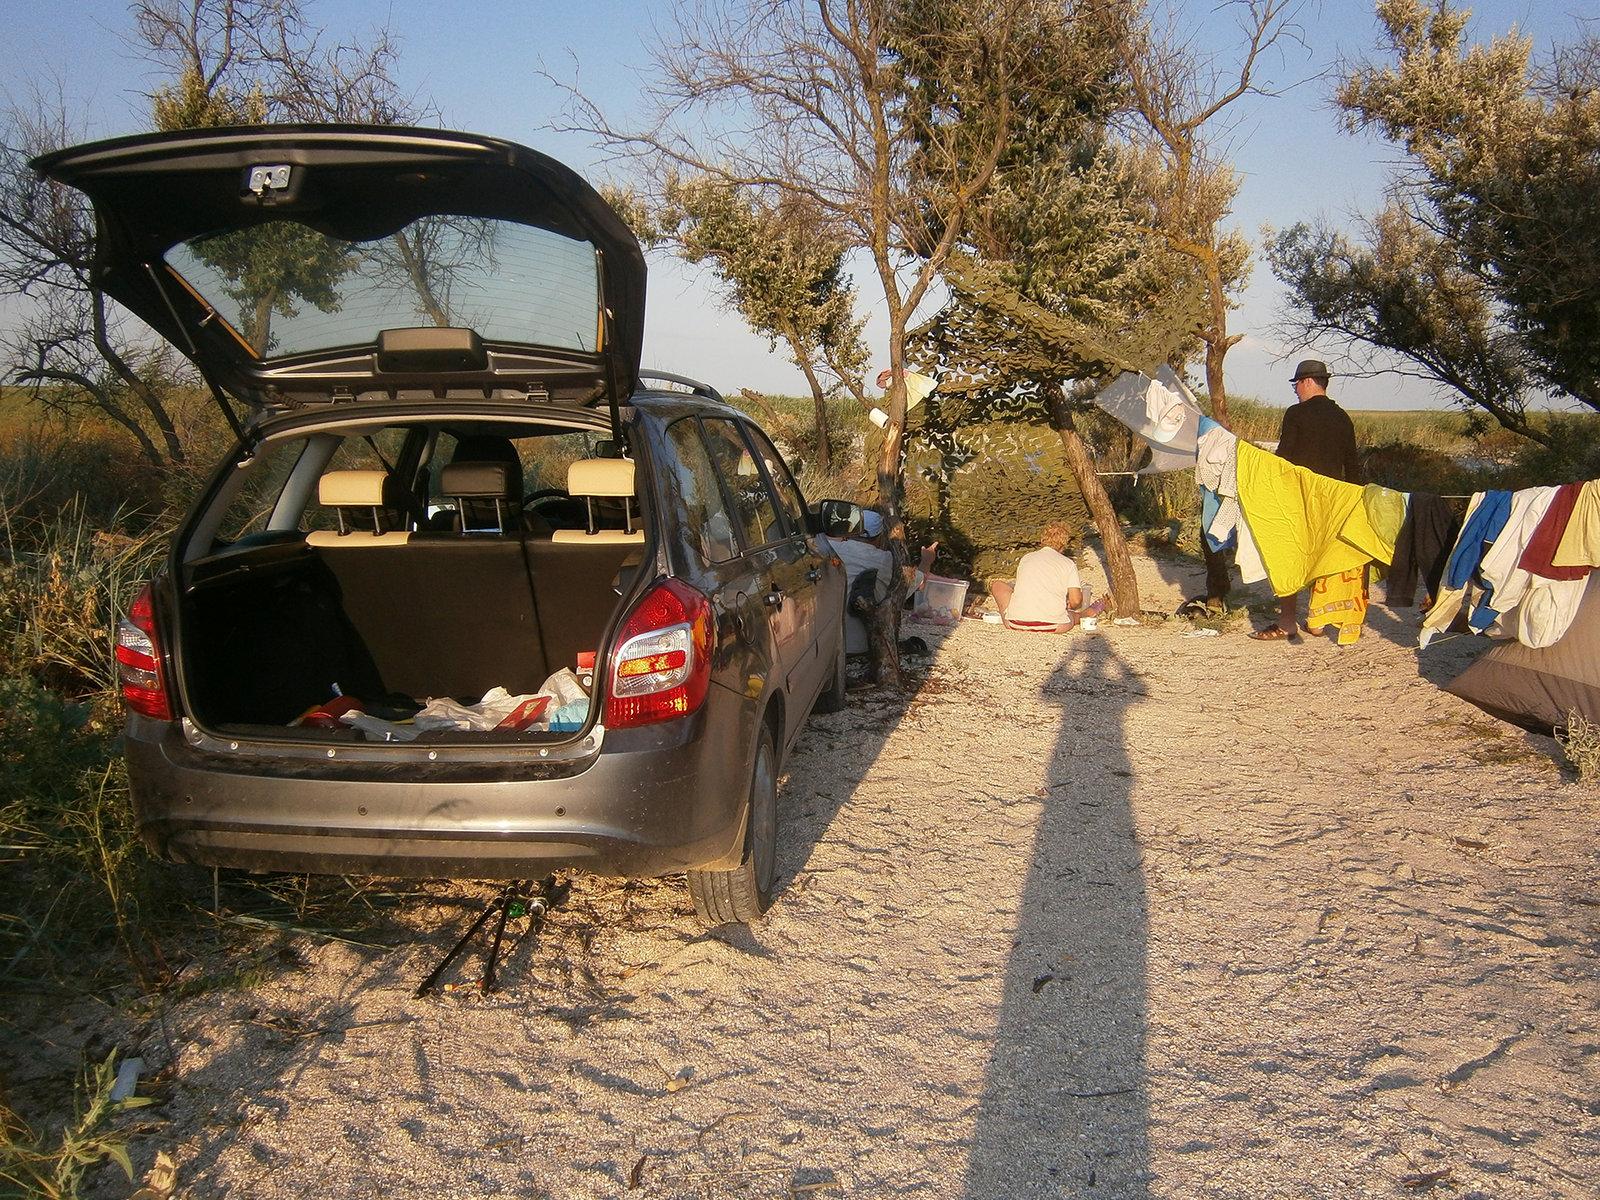 ясенская коса отдых с палаткой фото вам нравится тема